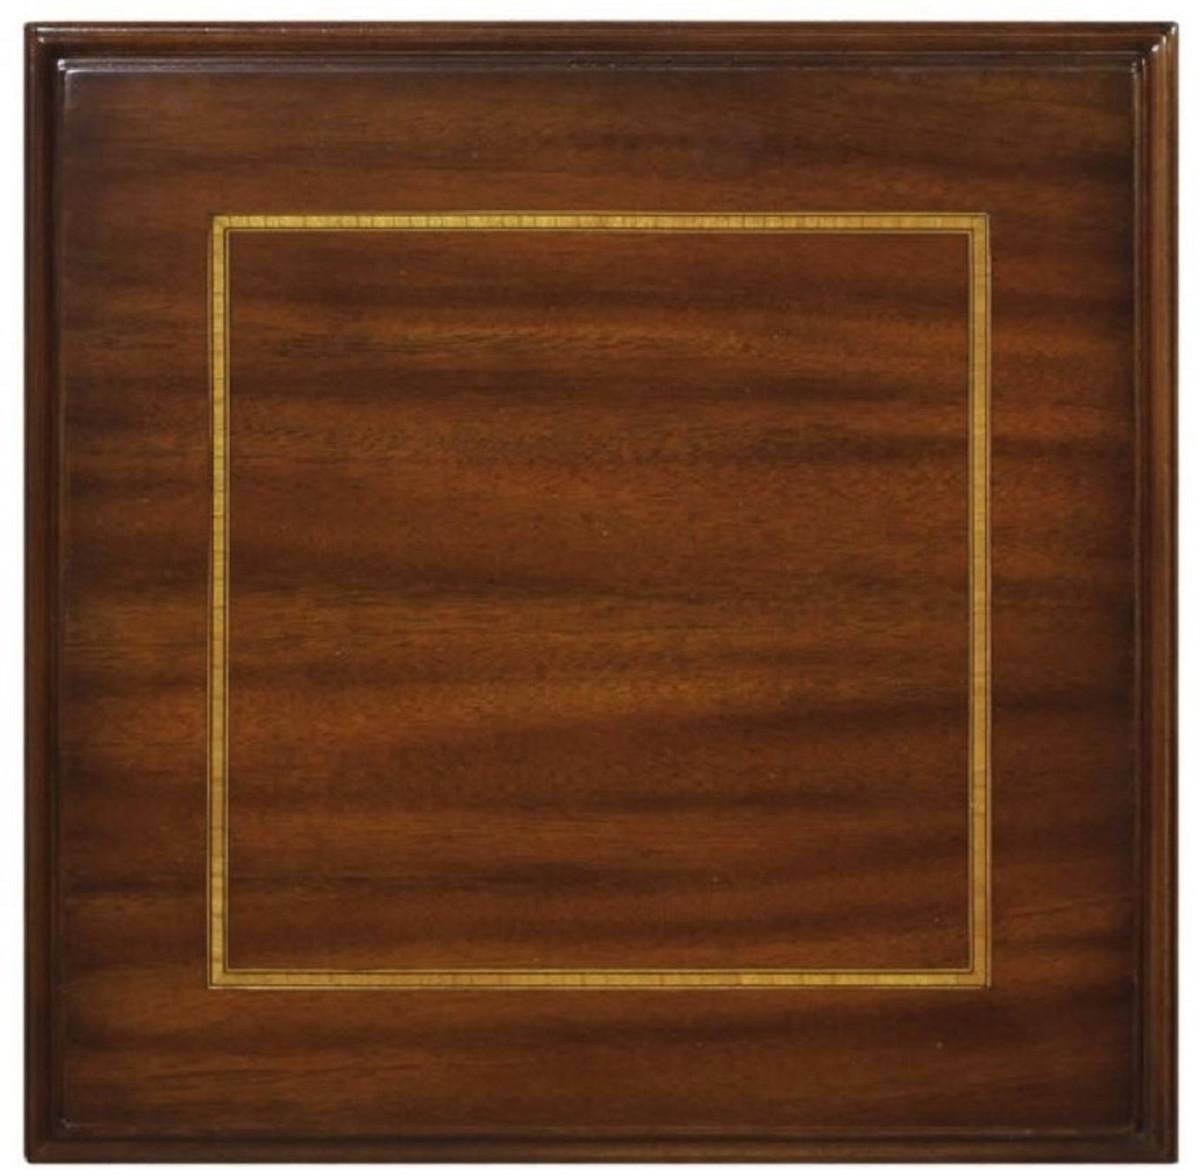 Casa Padrino Luxus Jugendstil Mahagoni Holz Wohnzimmer Beistelltisch mit  Schublade Dunkelbraun / Gold 19 x 19 x H. 19 cm - Luxus Qualität